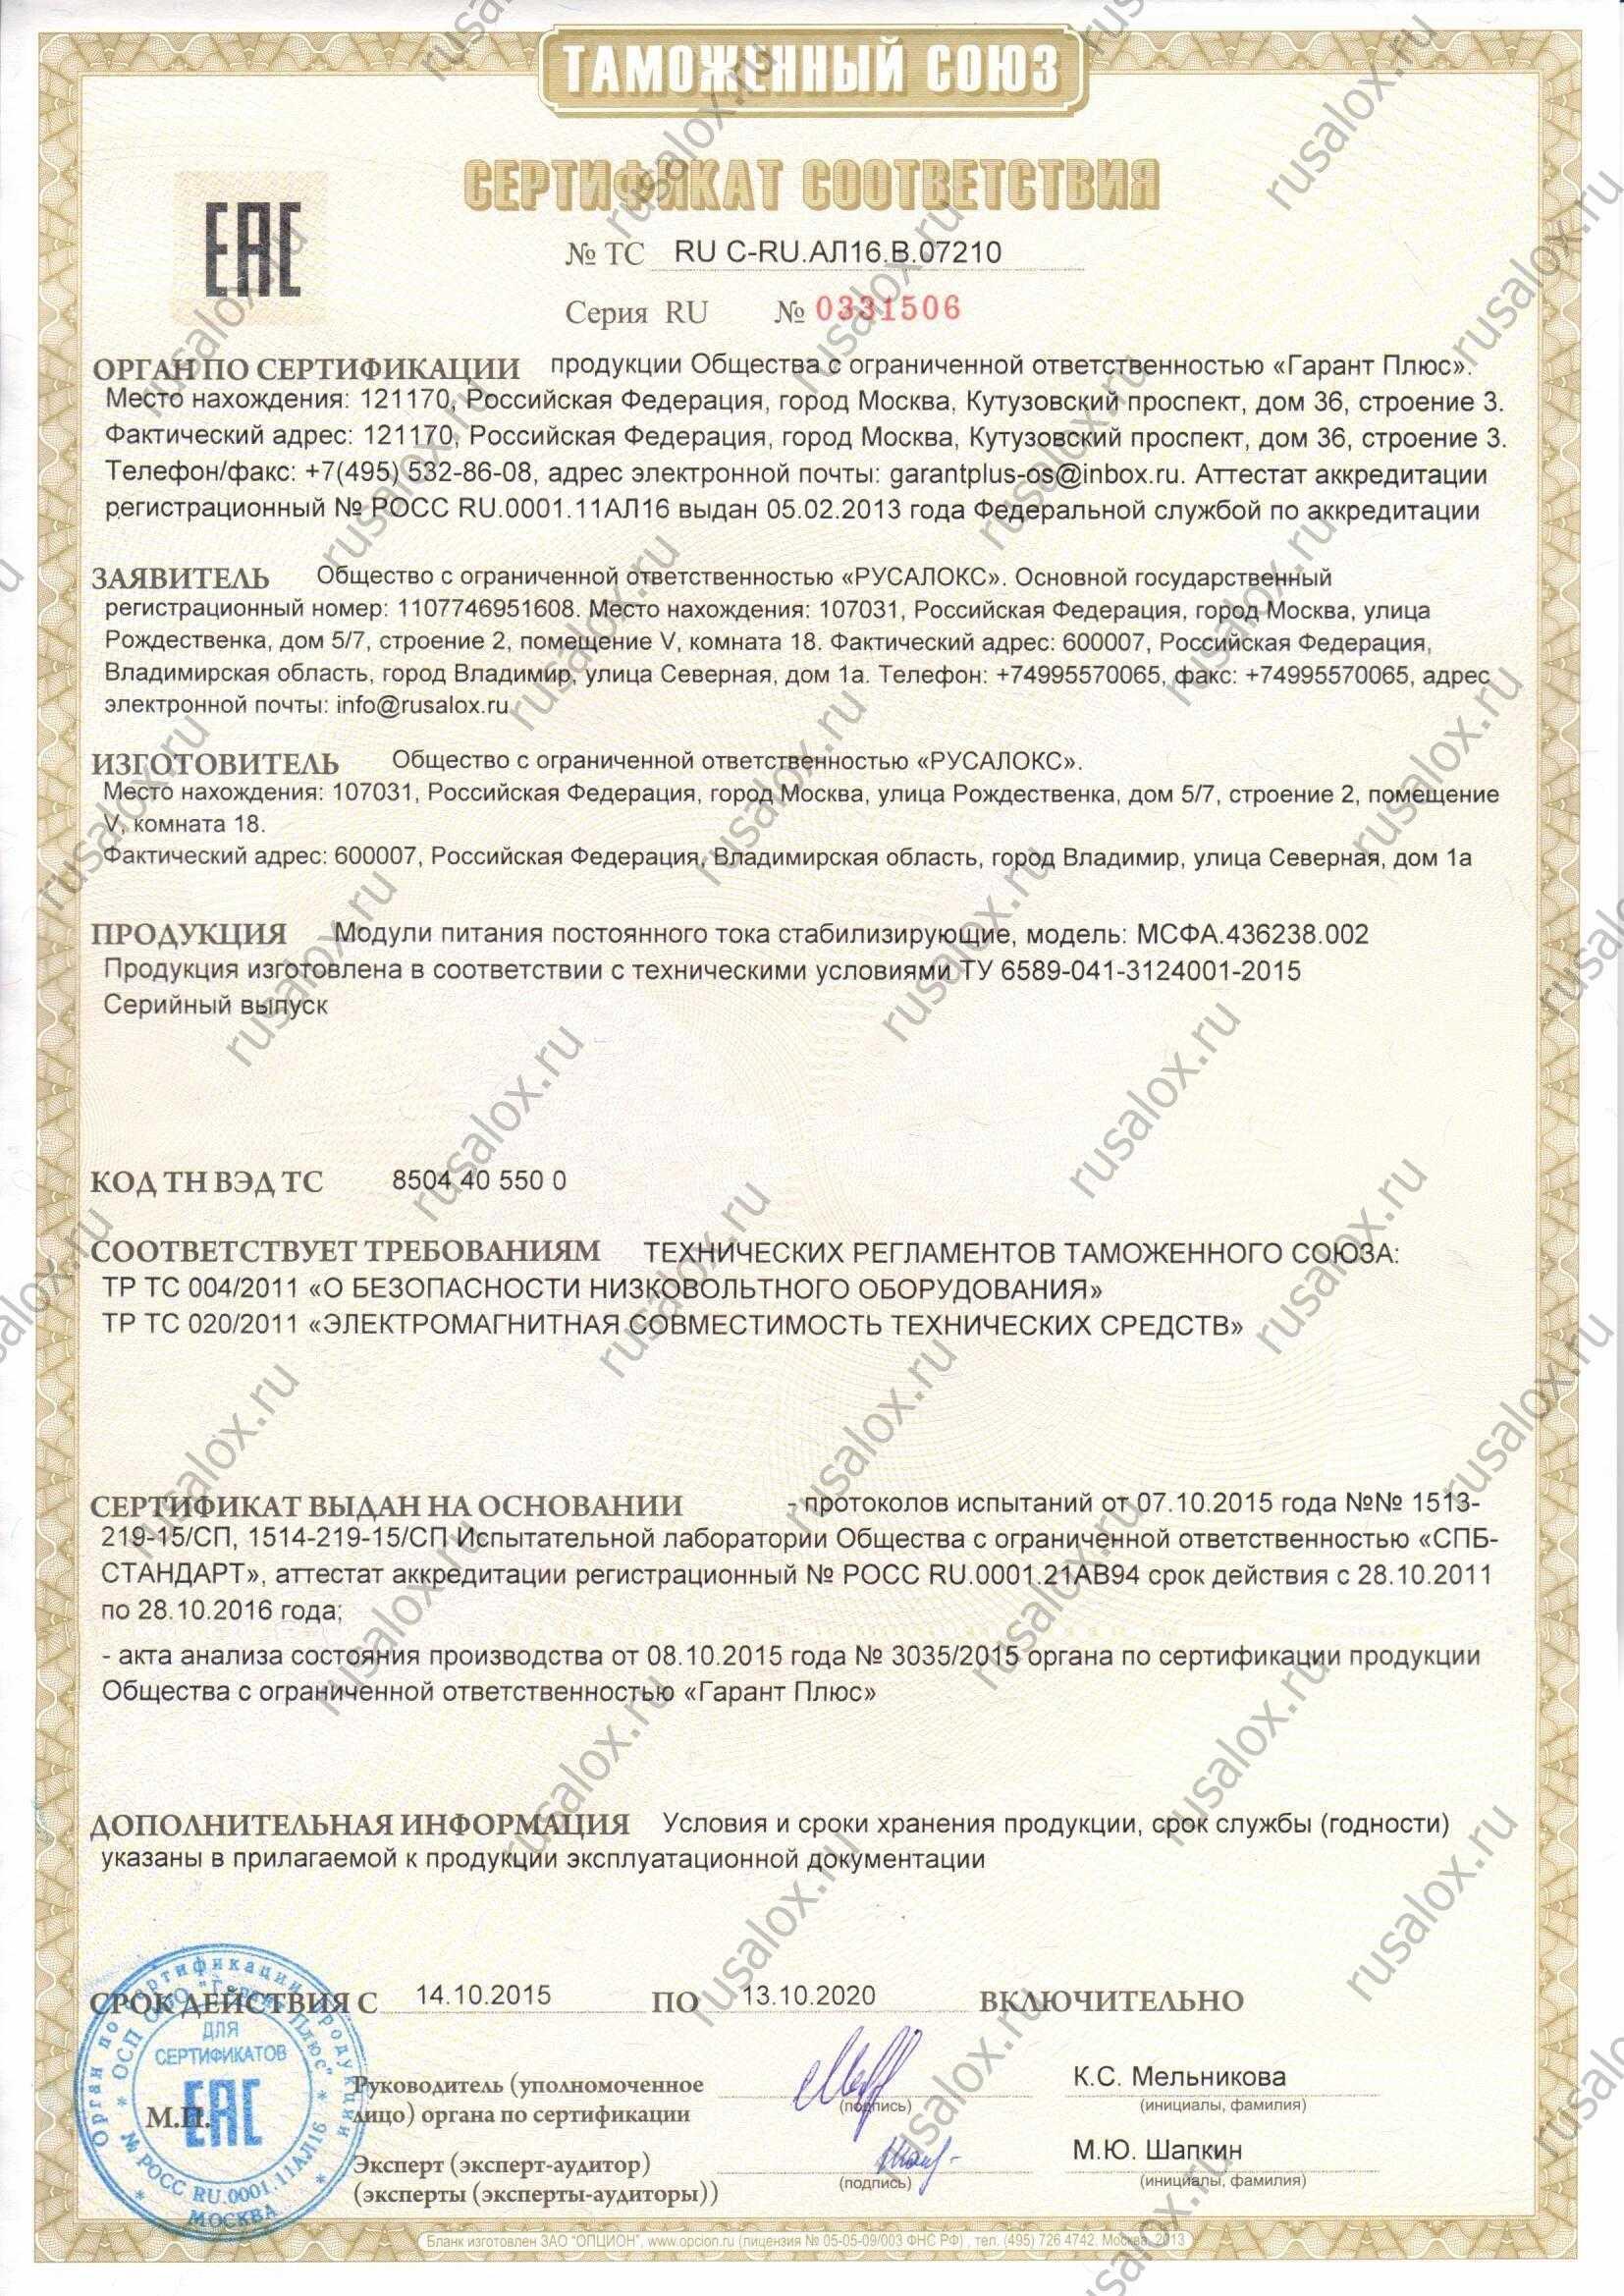 Сертификат соответствия драйверов МСФА.436238.002